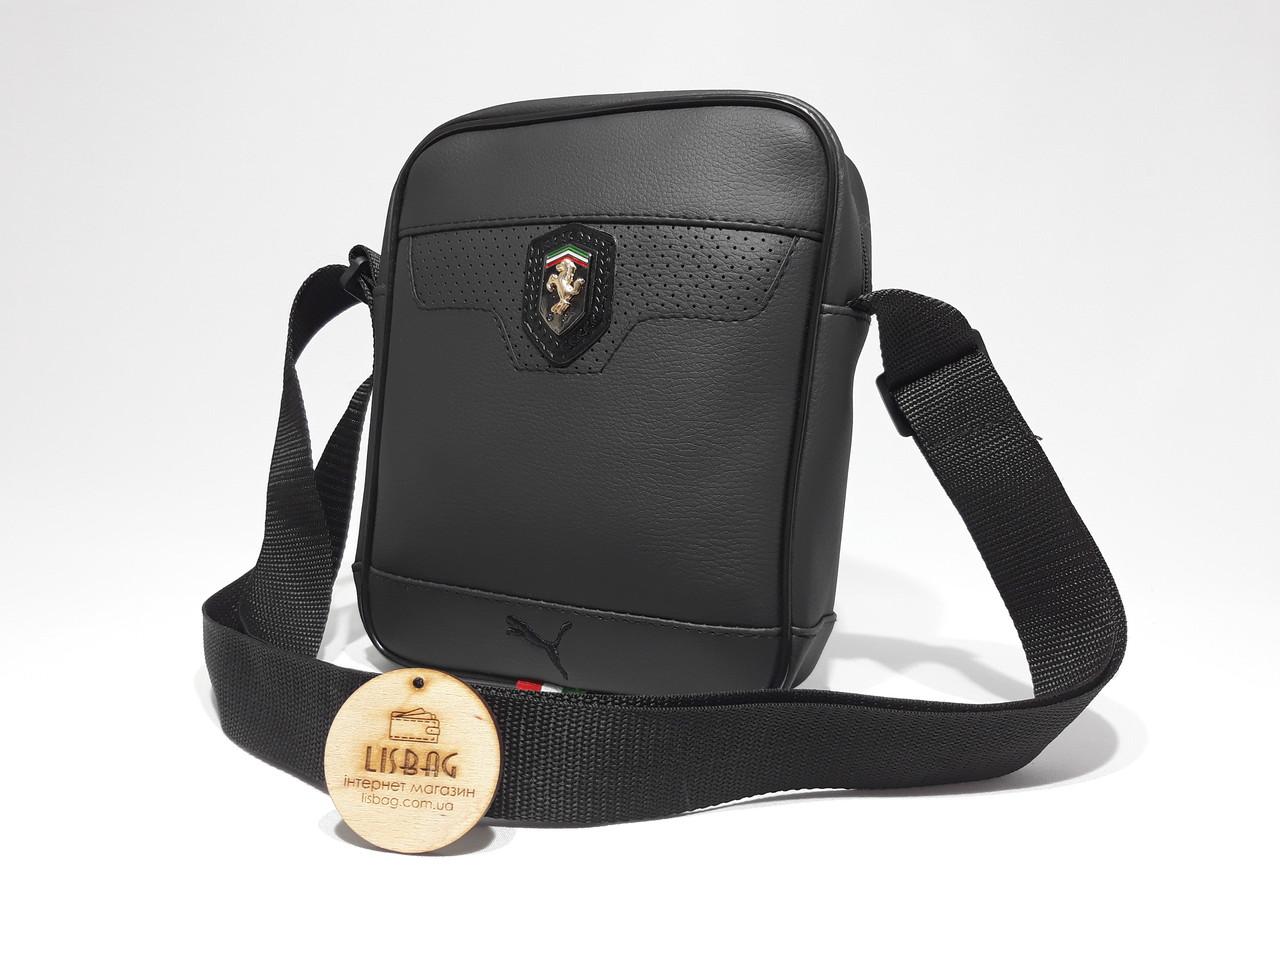 cd1b5a9de1e7 Отличная сумка Puma ferrari на каждый день реплика люкс качества 2х  компонентная кожа PU, ...